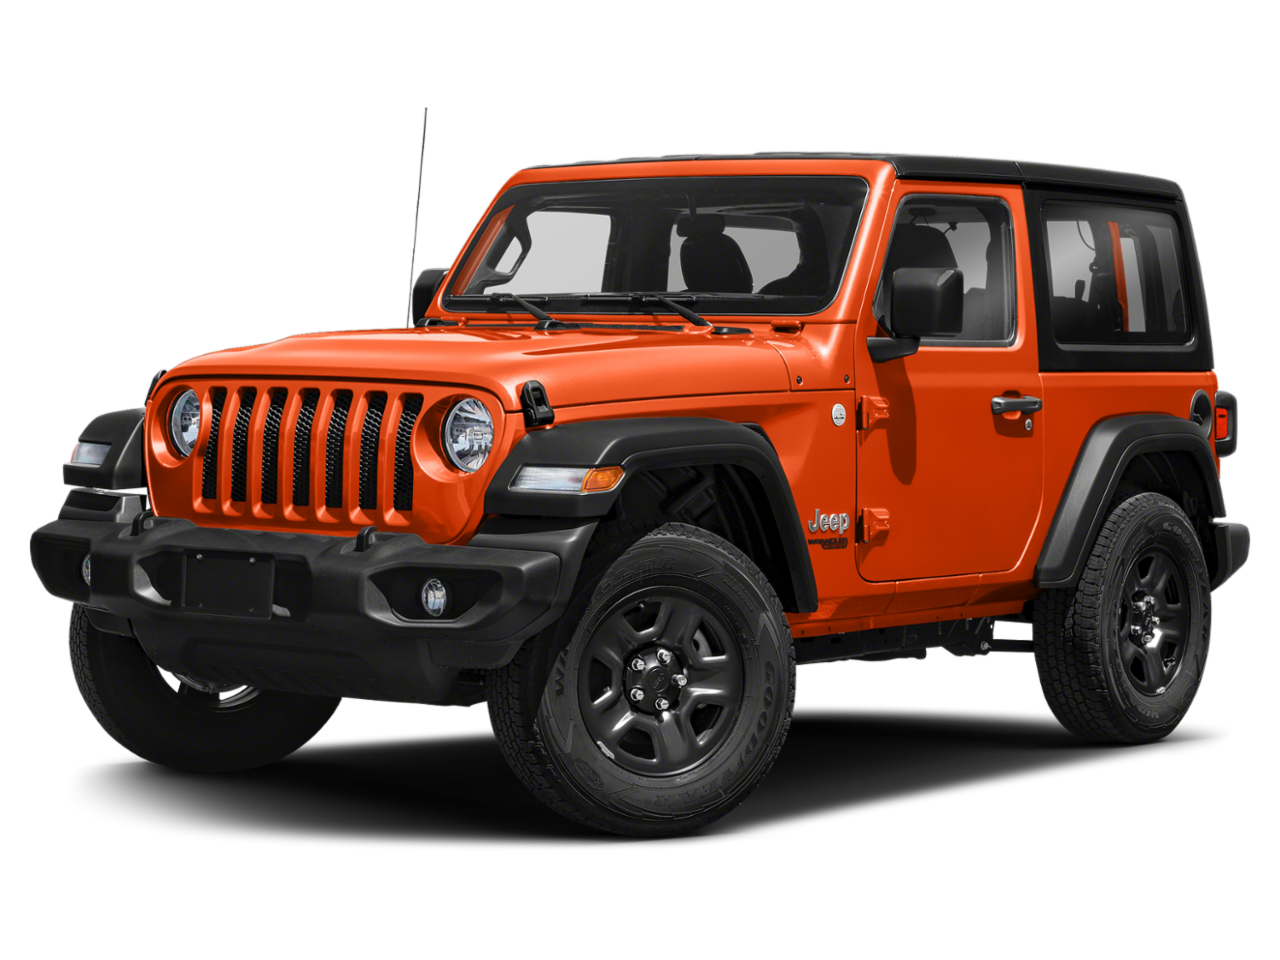 Jeep 2020 Wrangler Rubicon